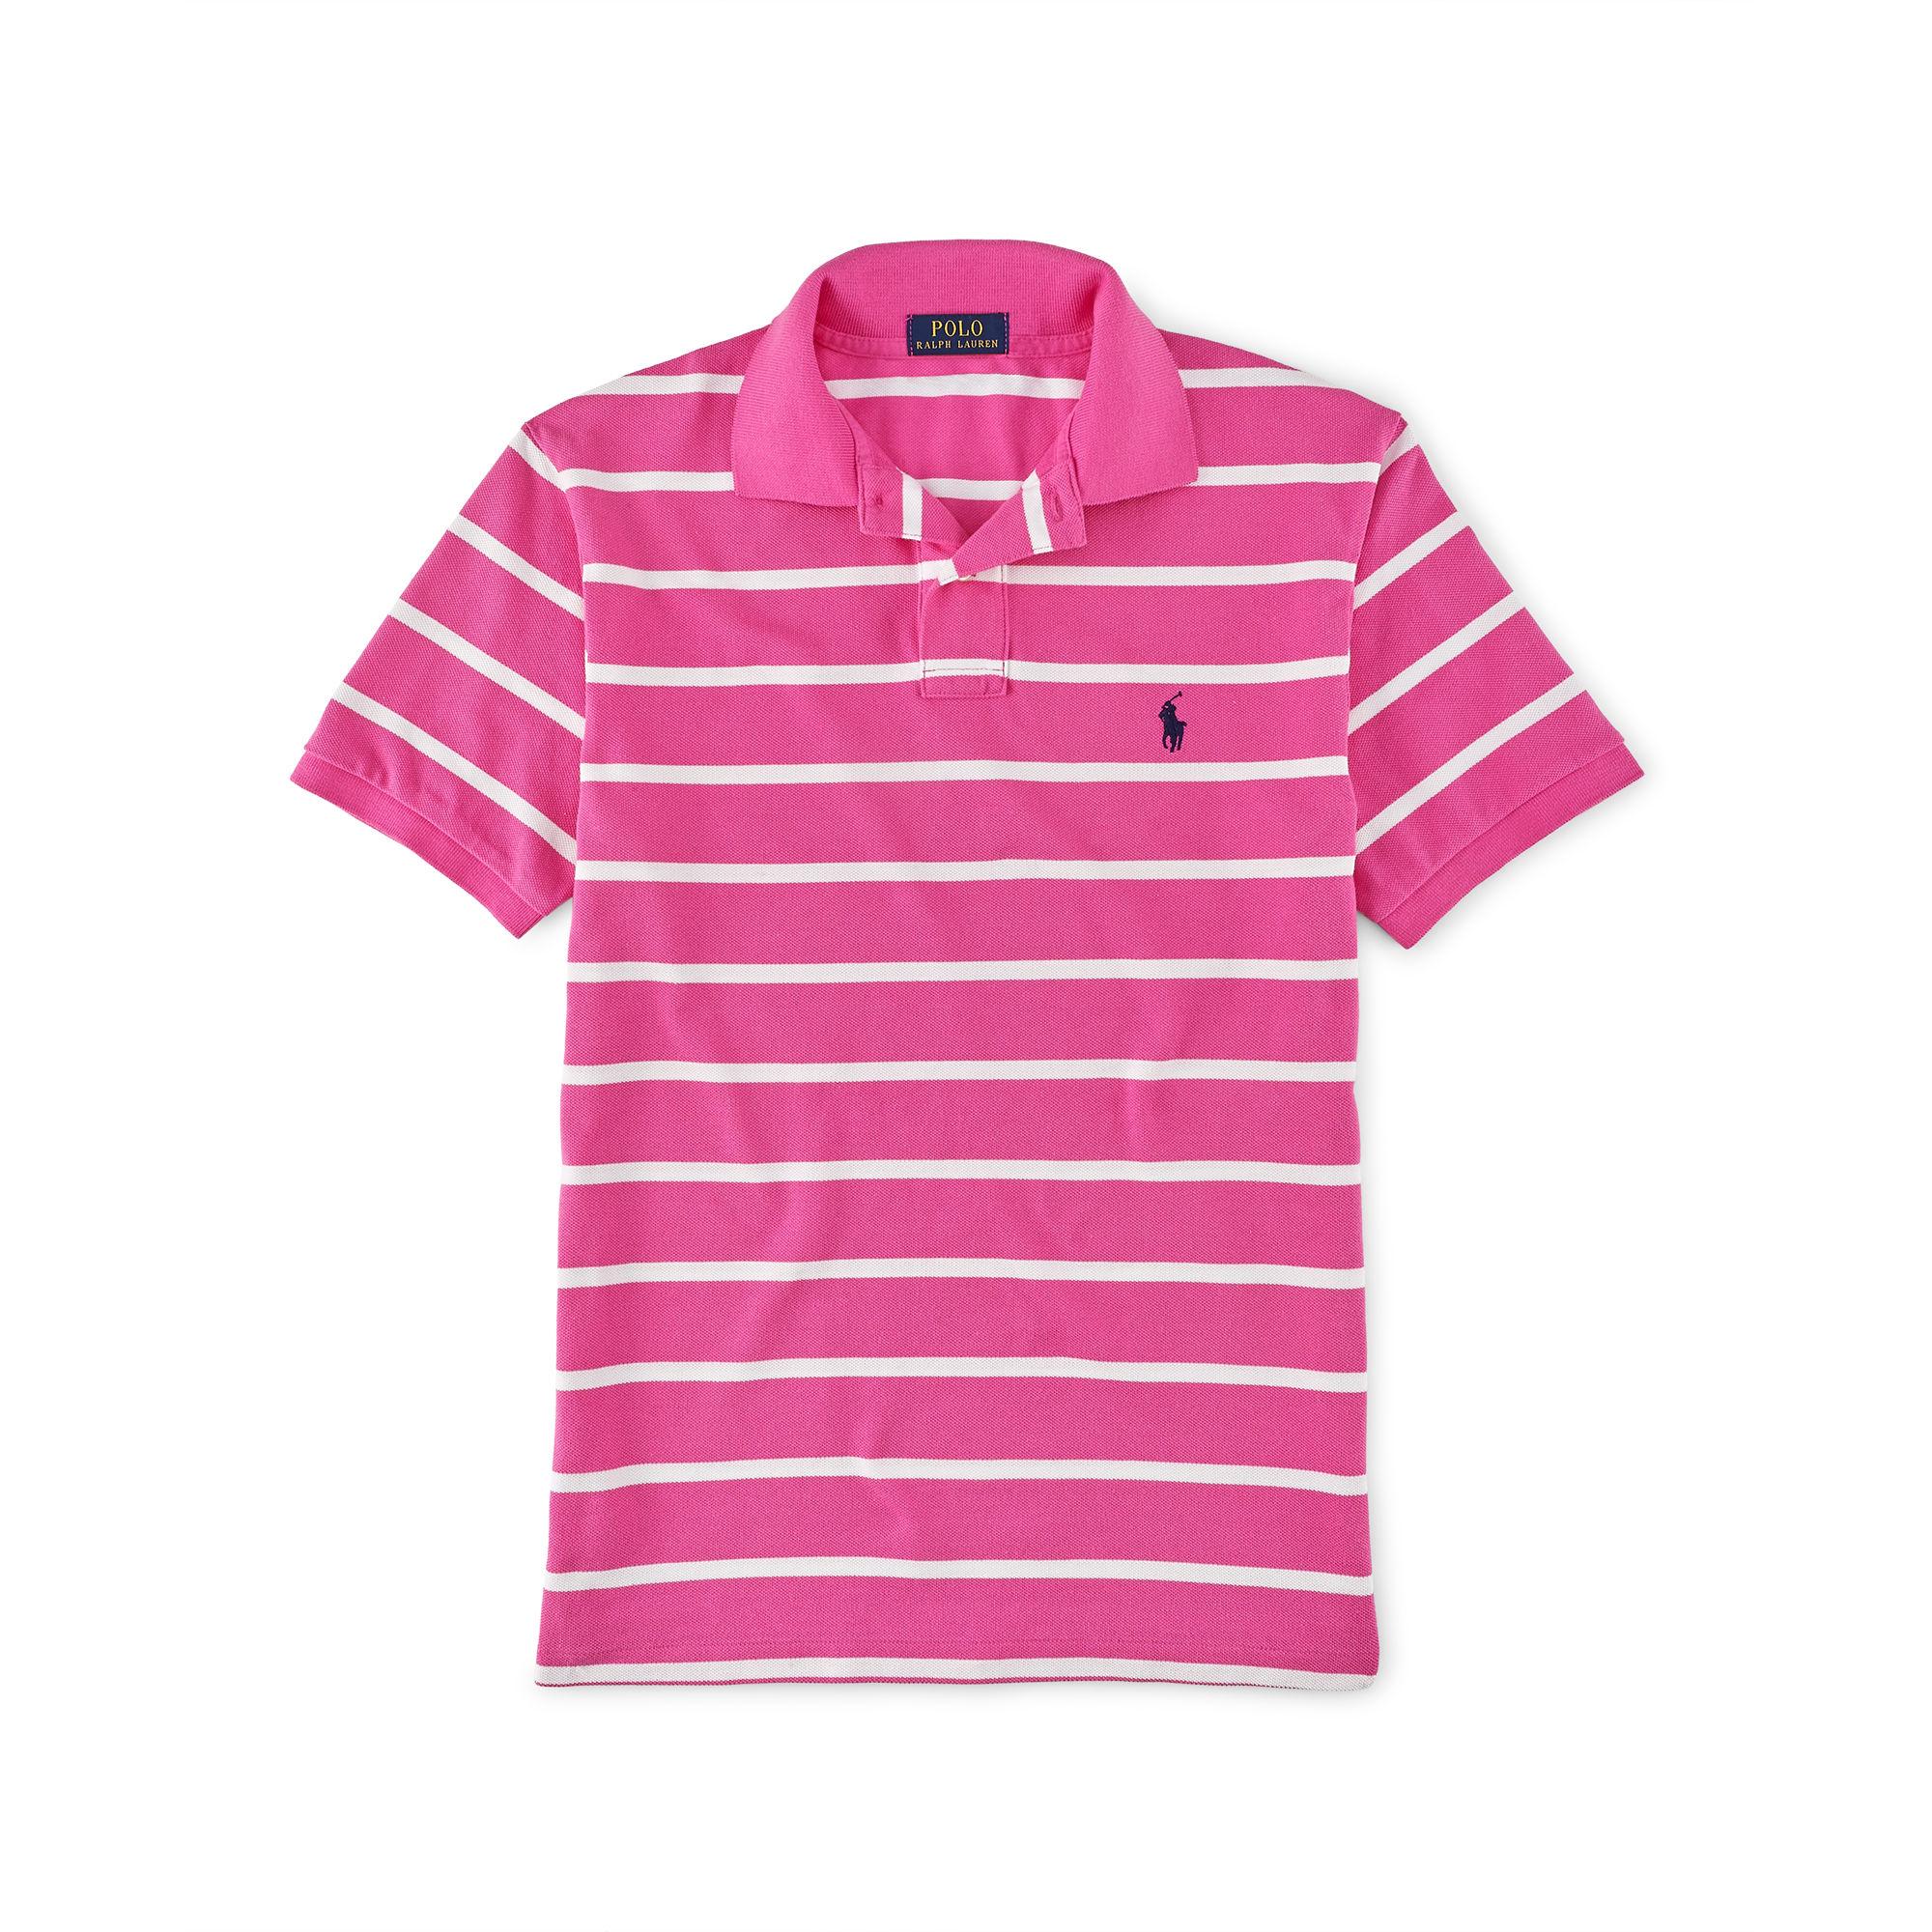 d4c6b59b5 Polo Ralph Lauren Slim Fit Striped Shirt Pink - Nils Stucki ...